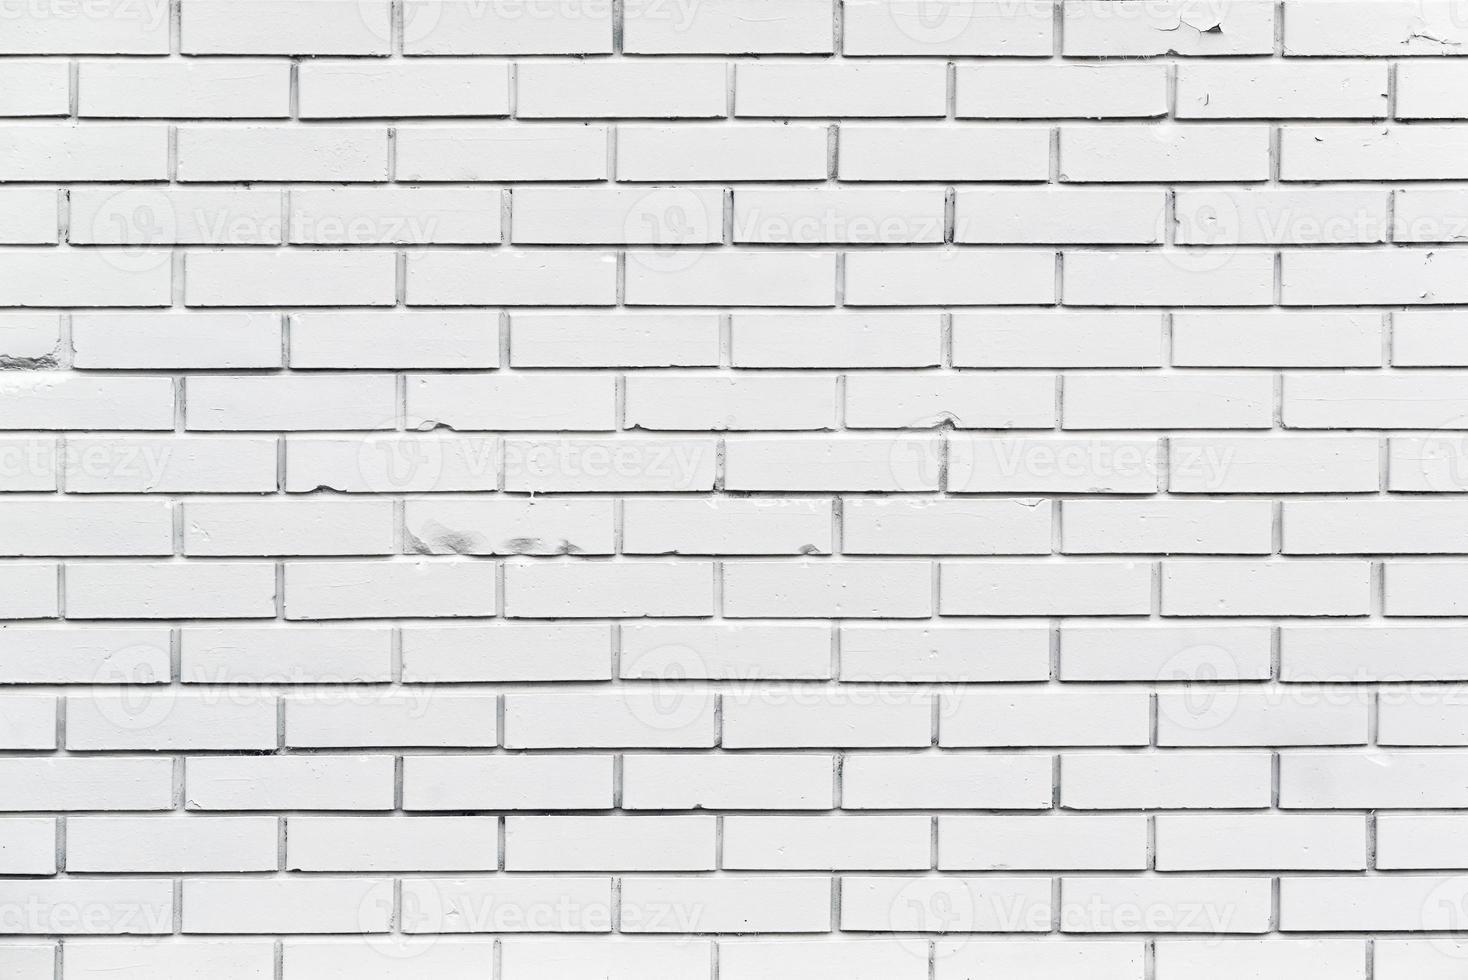 un mur de briques blanches avec motif et texture photo